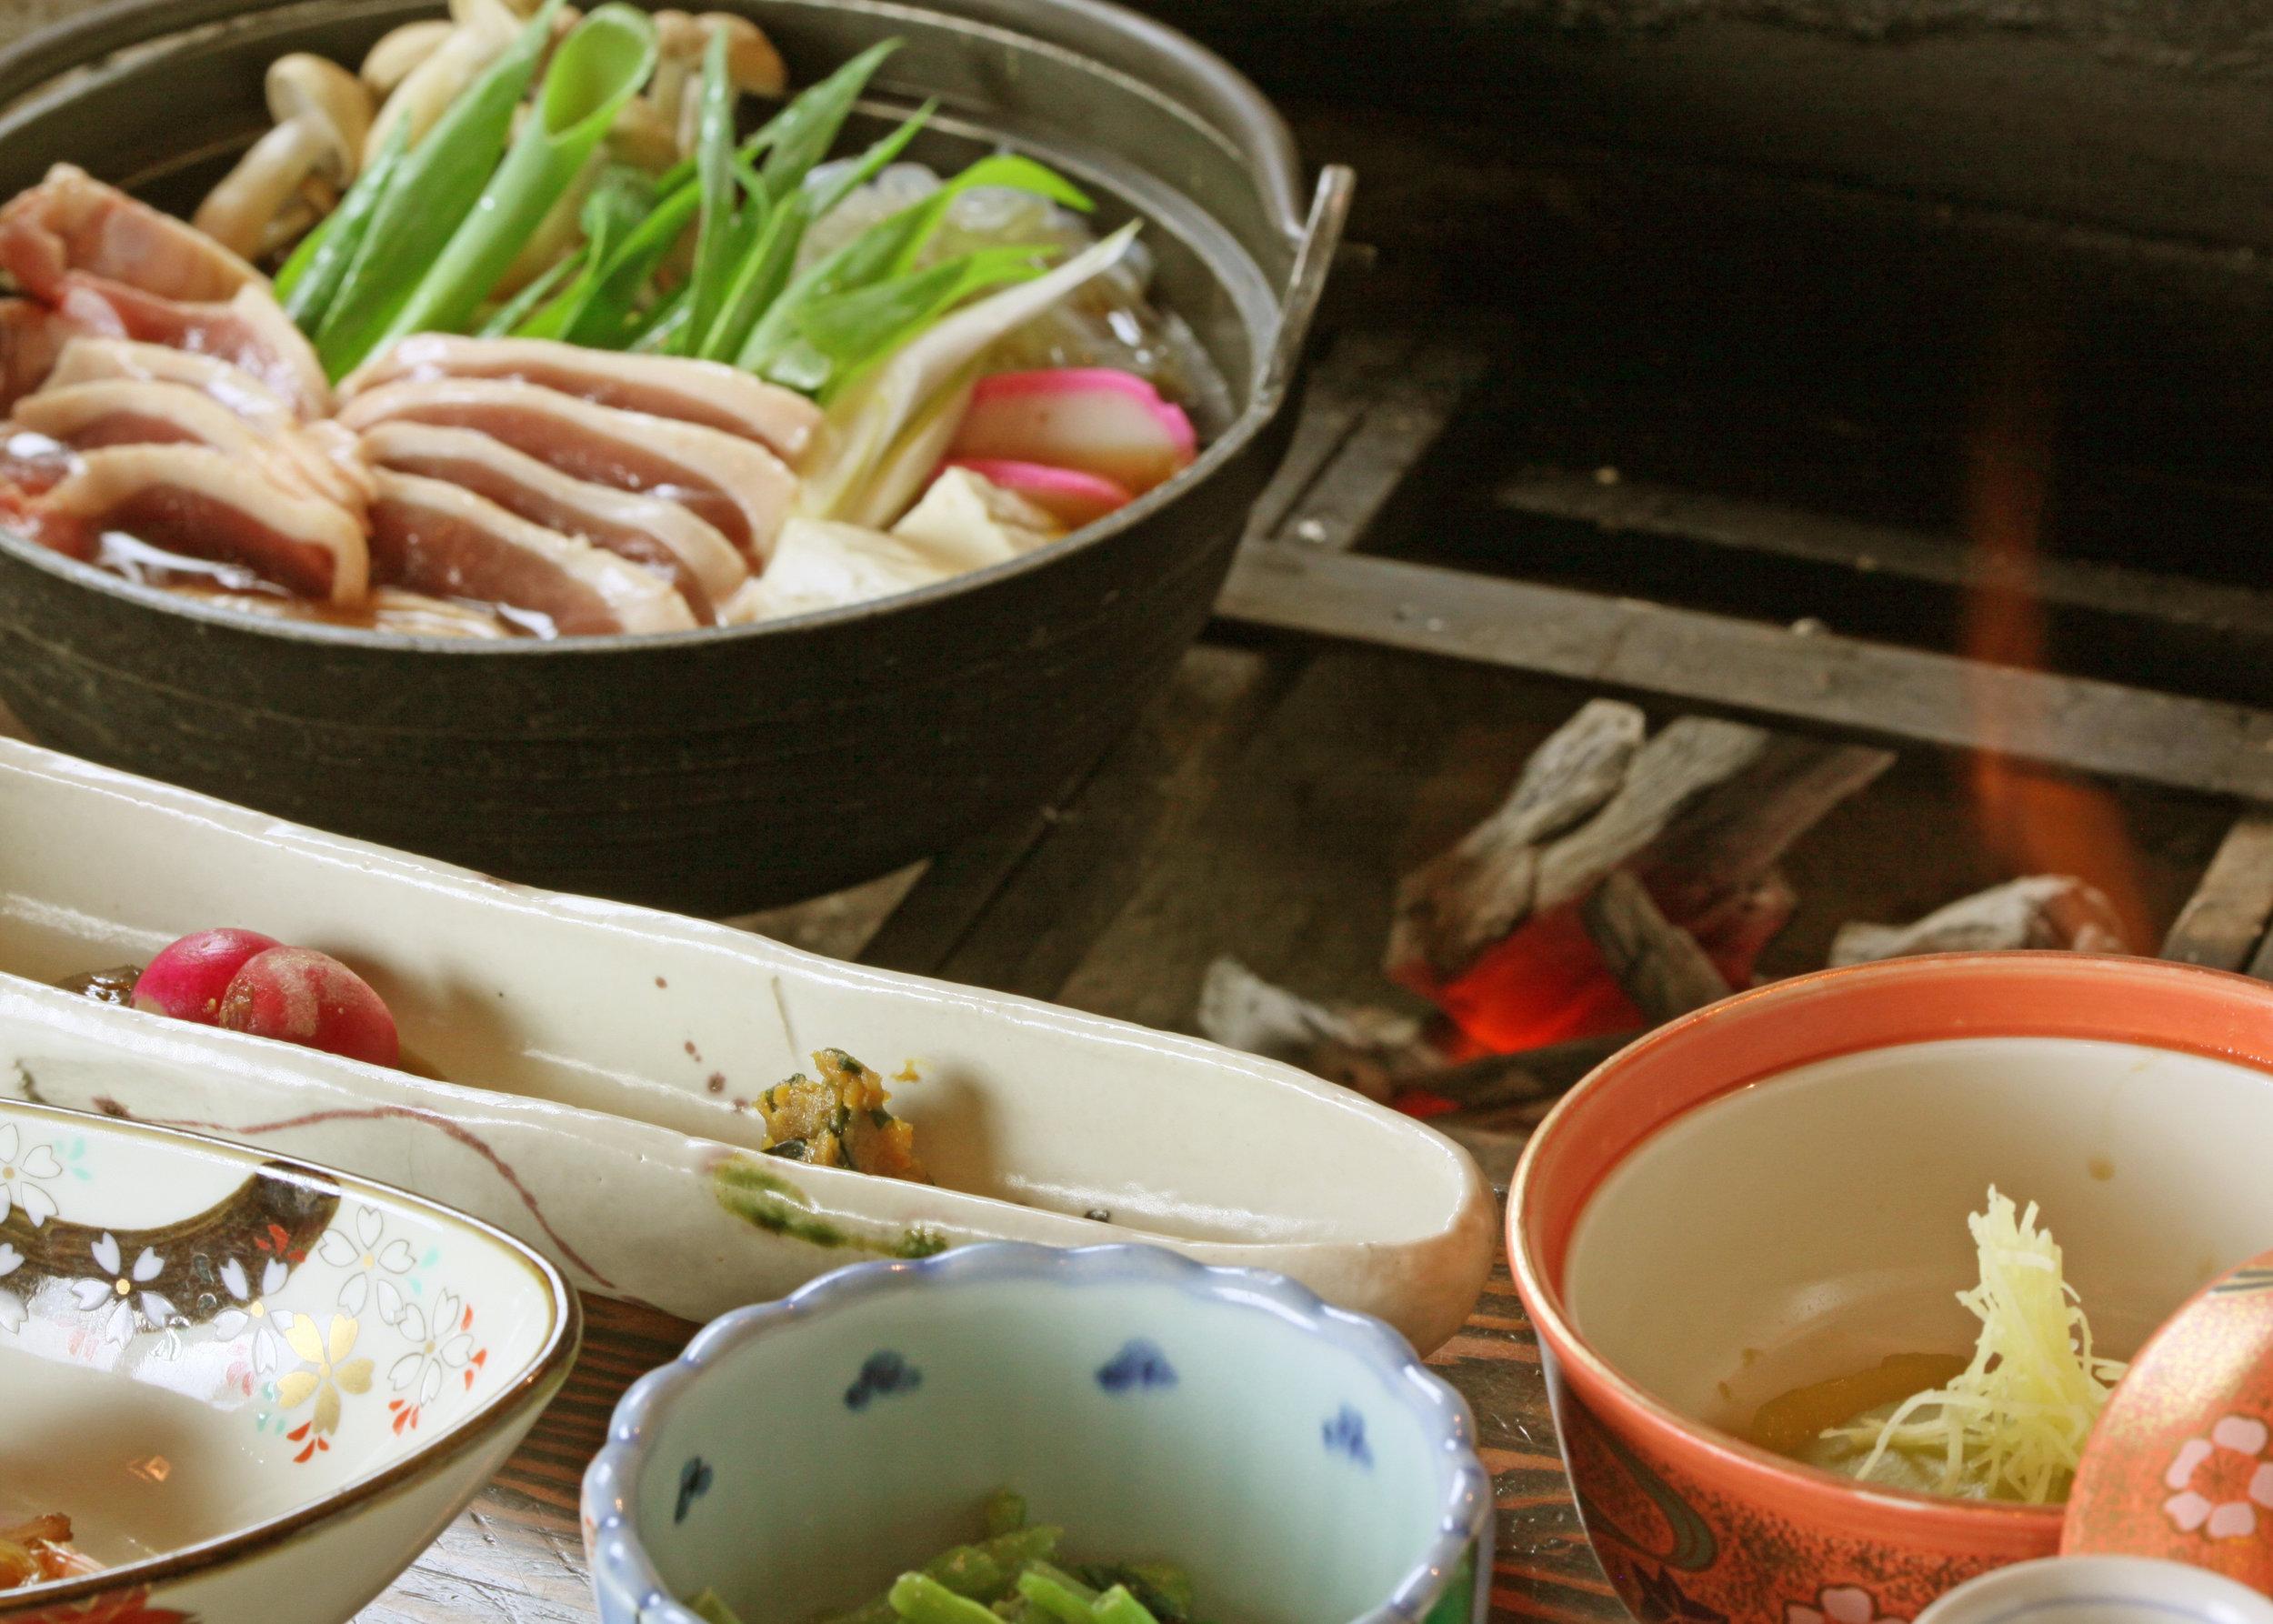 山のご馳走 - Dining